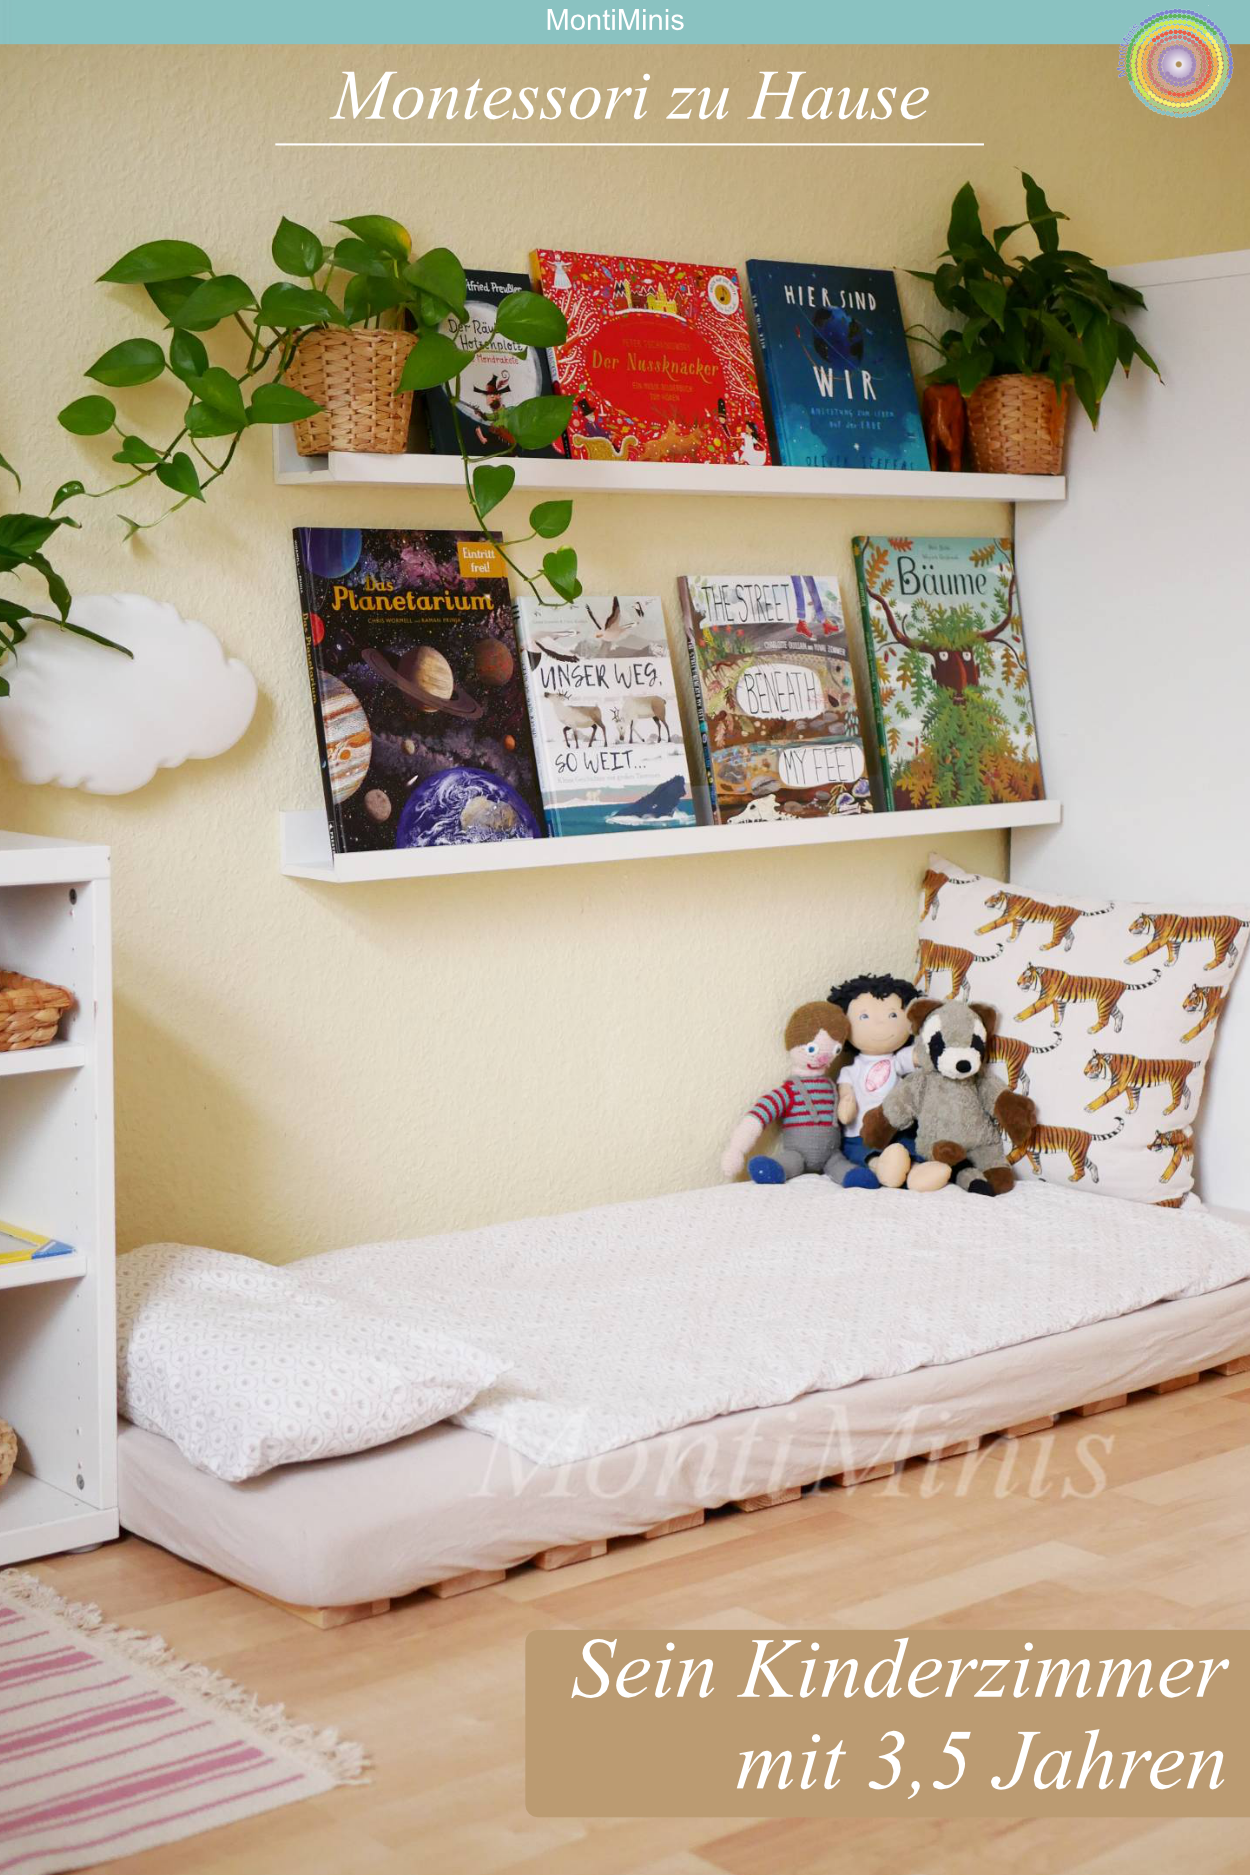 Michels Kinderzimmer mit 3,5 Jahren | Kinder zimmer ...